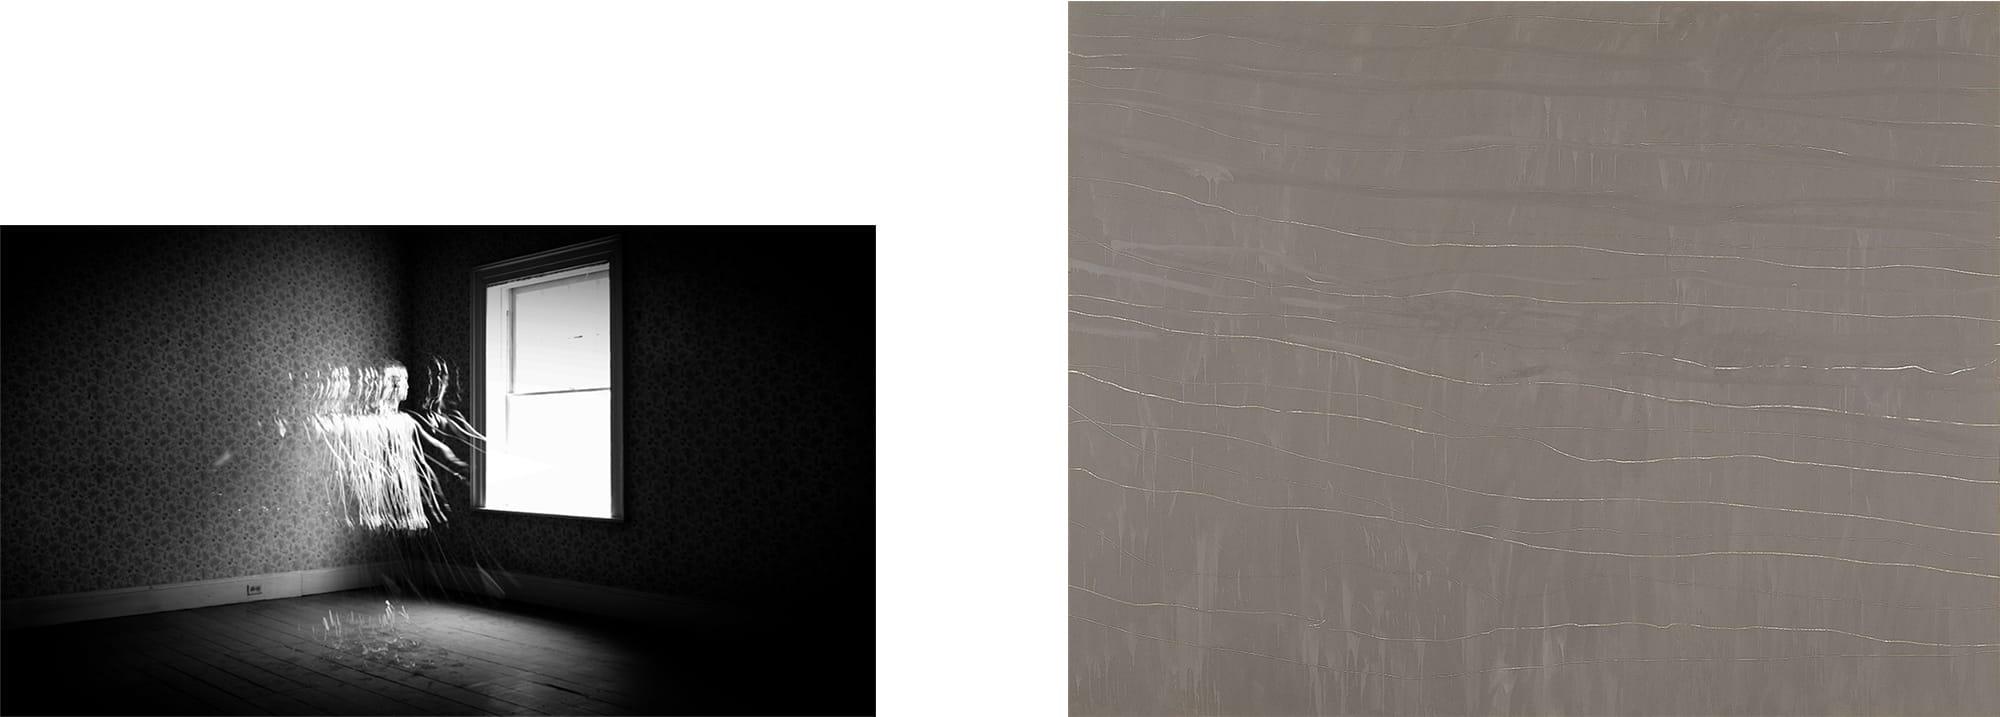 さわひらき(1977- ) × サイ・トゥオンブリー(1928-2011)の出会い左:さわひらき《Souvenir IV》2012年右:サイ・トゥオンブリー《無題》1968年 DIC川村記念美術館 © Cy Twombly Foundation